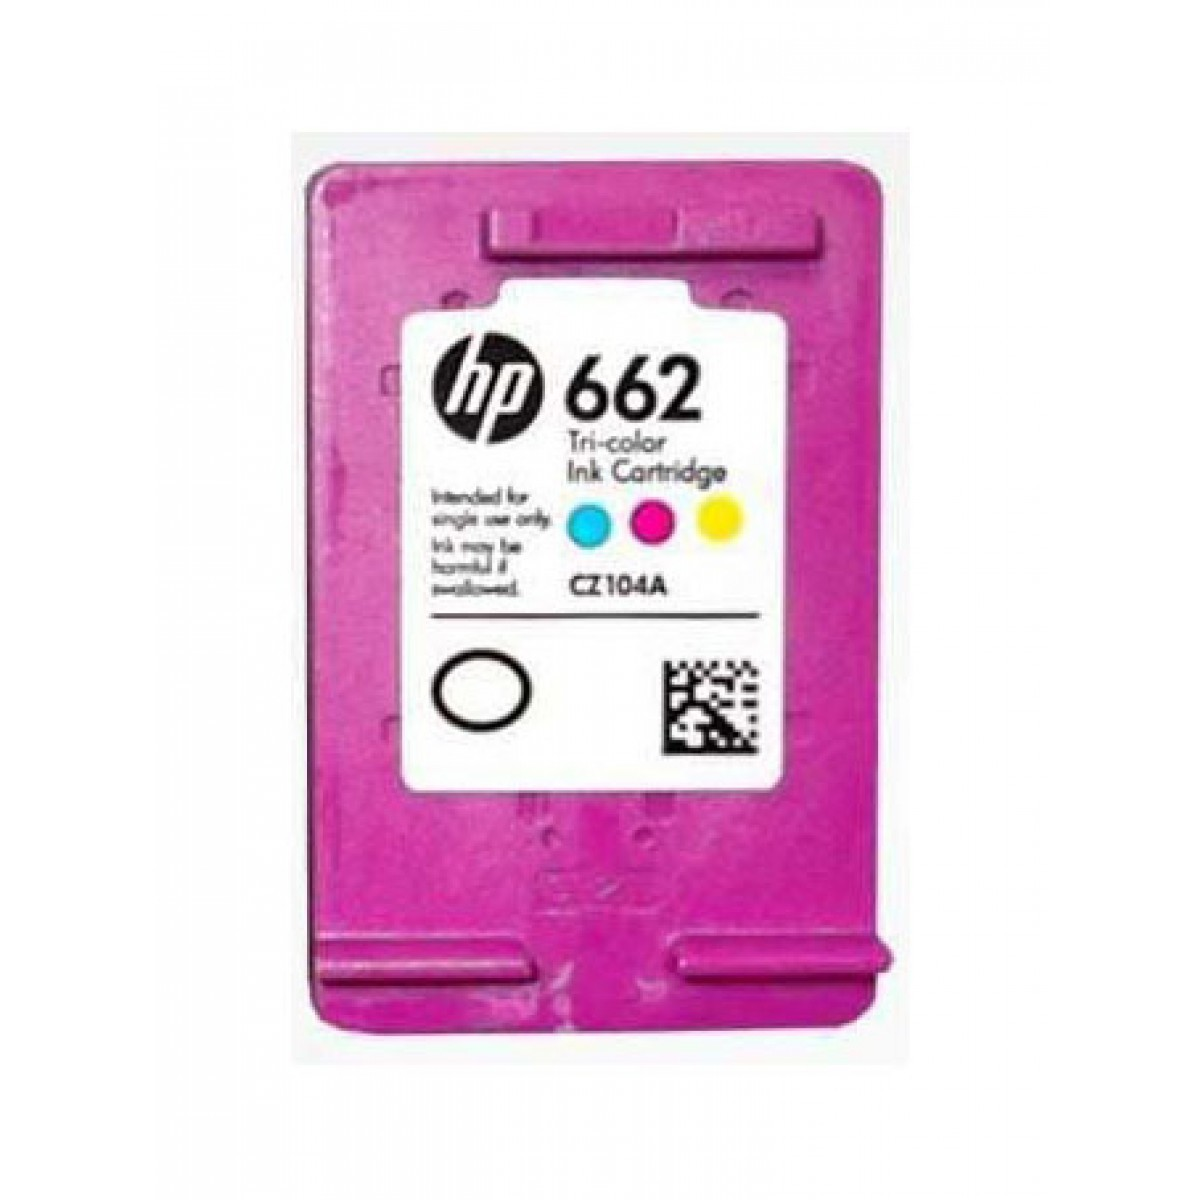 Cartucho HP 662 Colorido Original (CZ104AB) Para HP DeskJet 2516, 3516, 3546, 2546, 1516, 4646, 2646